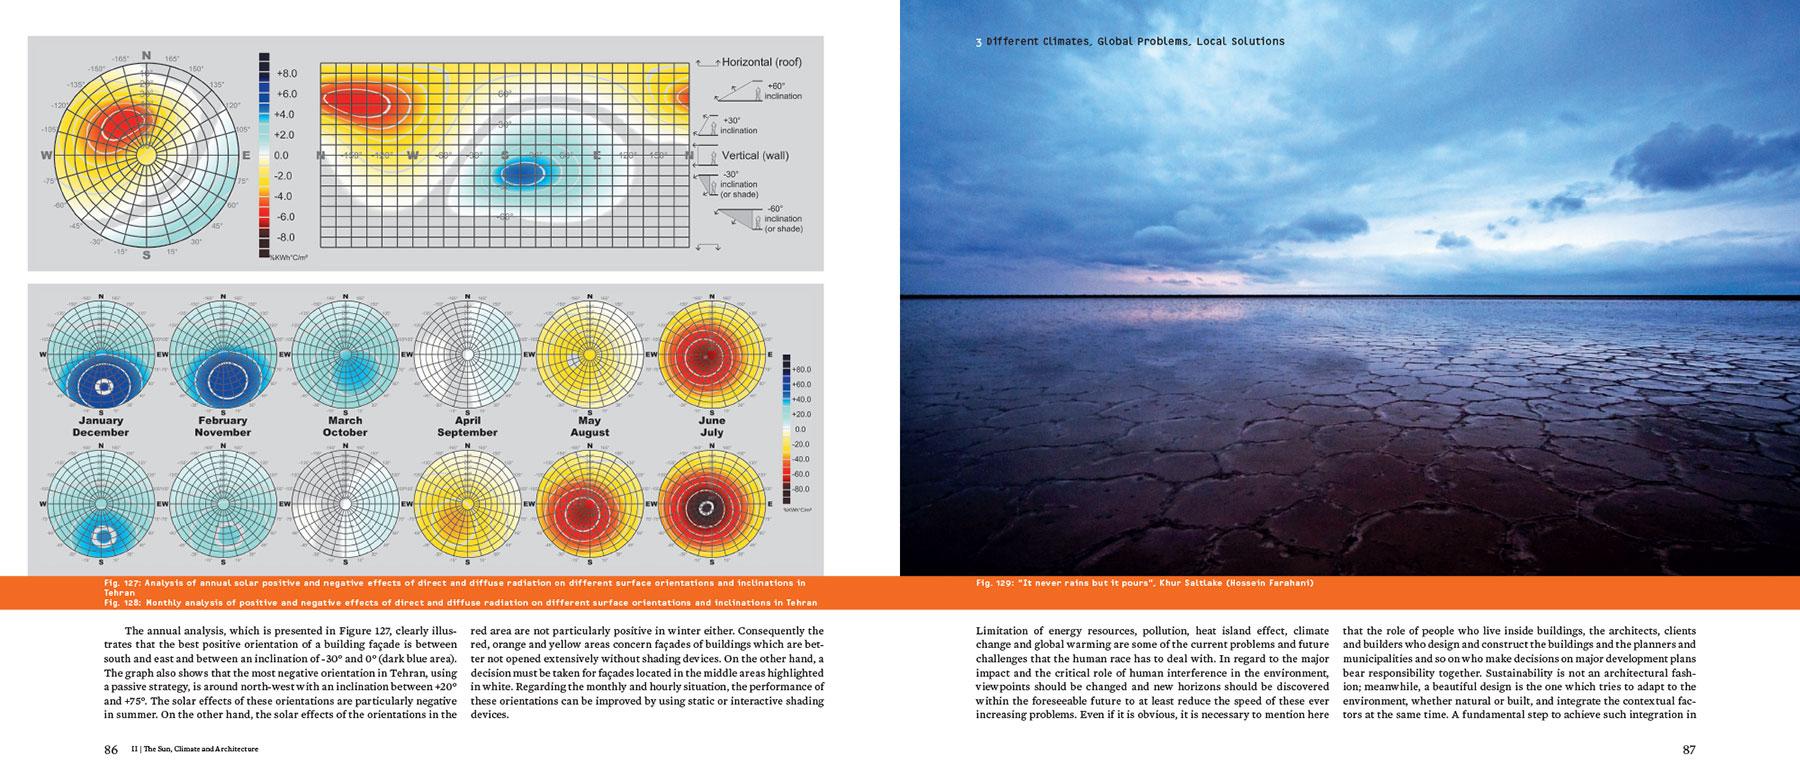 Vol09_-SolarClimaticVision-CD-Rom-v02-86.jpg